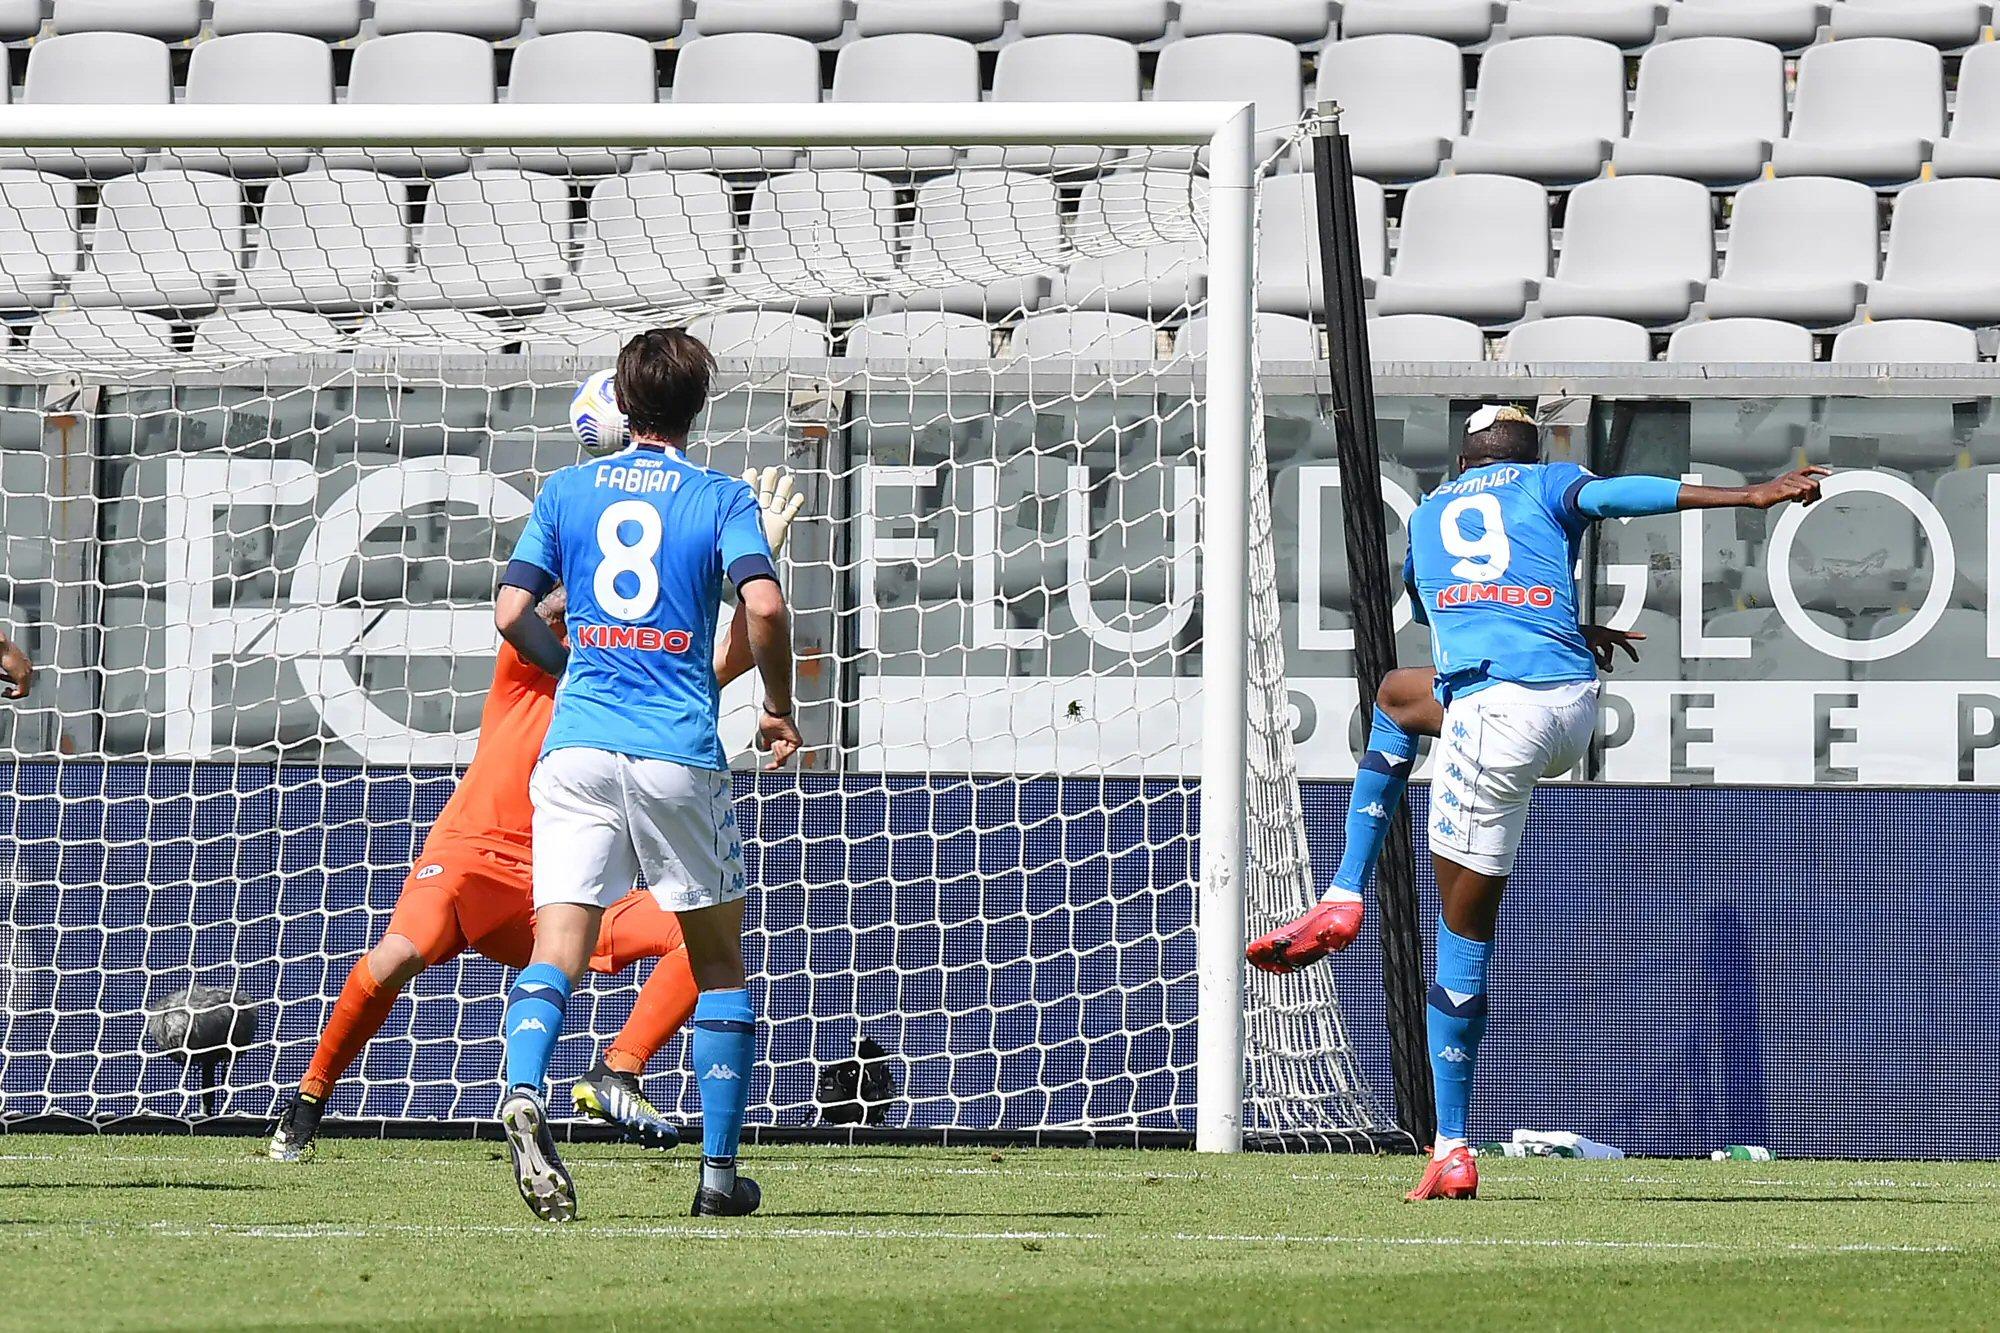 Spezia-Napoli 1-4: super Osimhen, azzurri volano in zona Champions - NAPOLI CALCIO